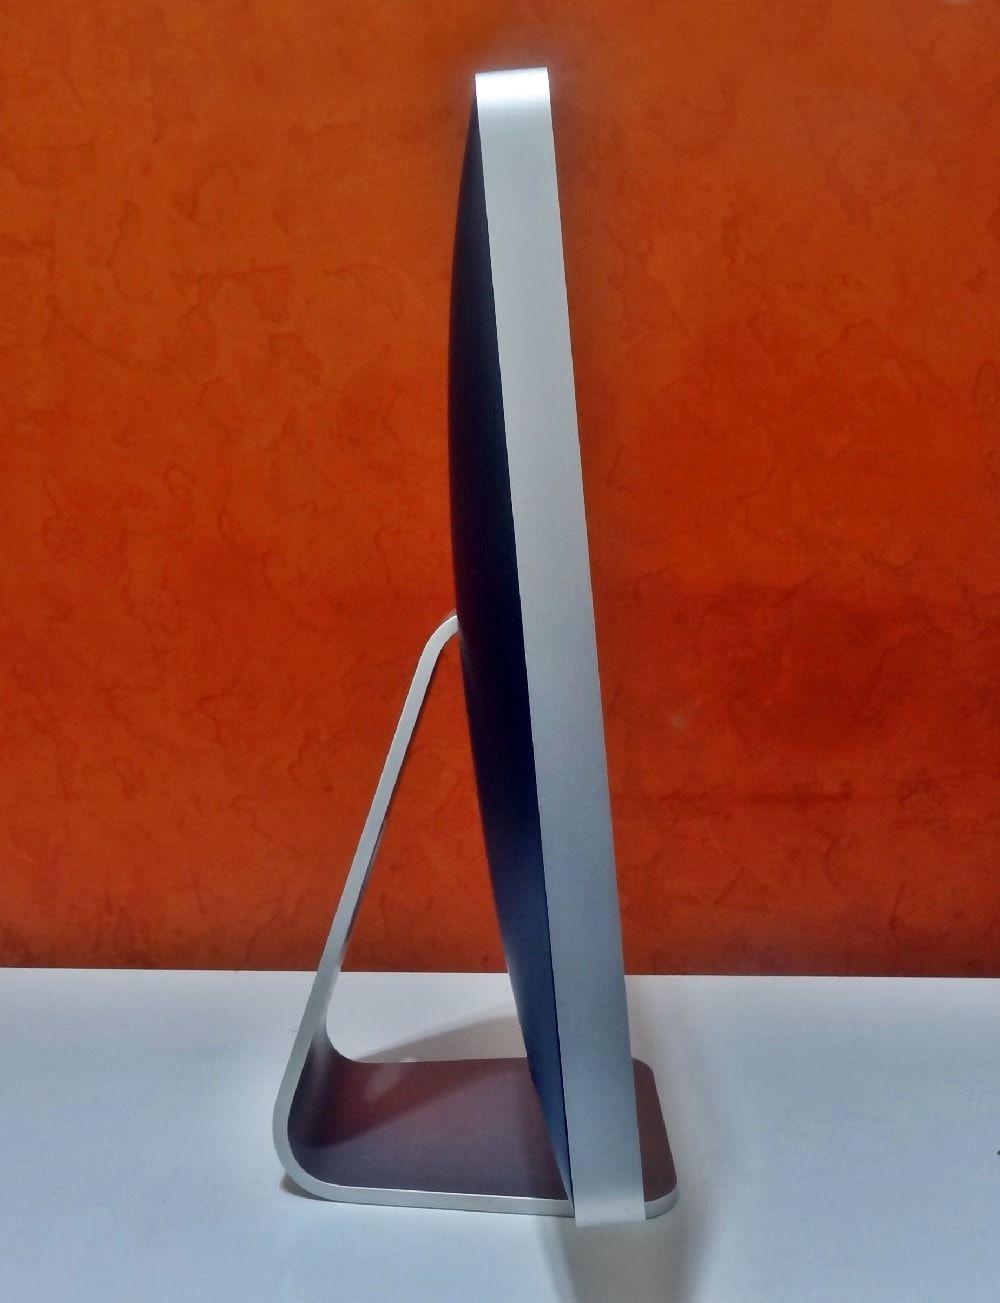 iMac MB324LL/A 20'' Intel Core 2 Duo 2.6GHz 4GB HD-320GB